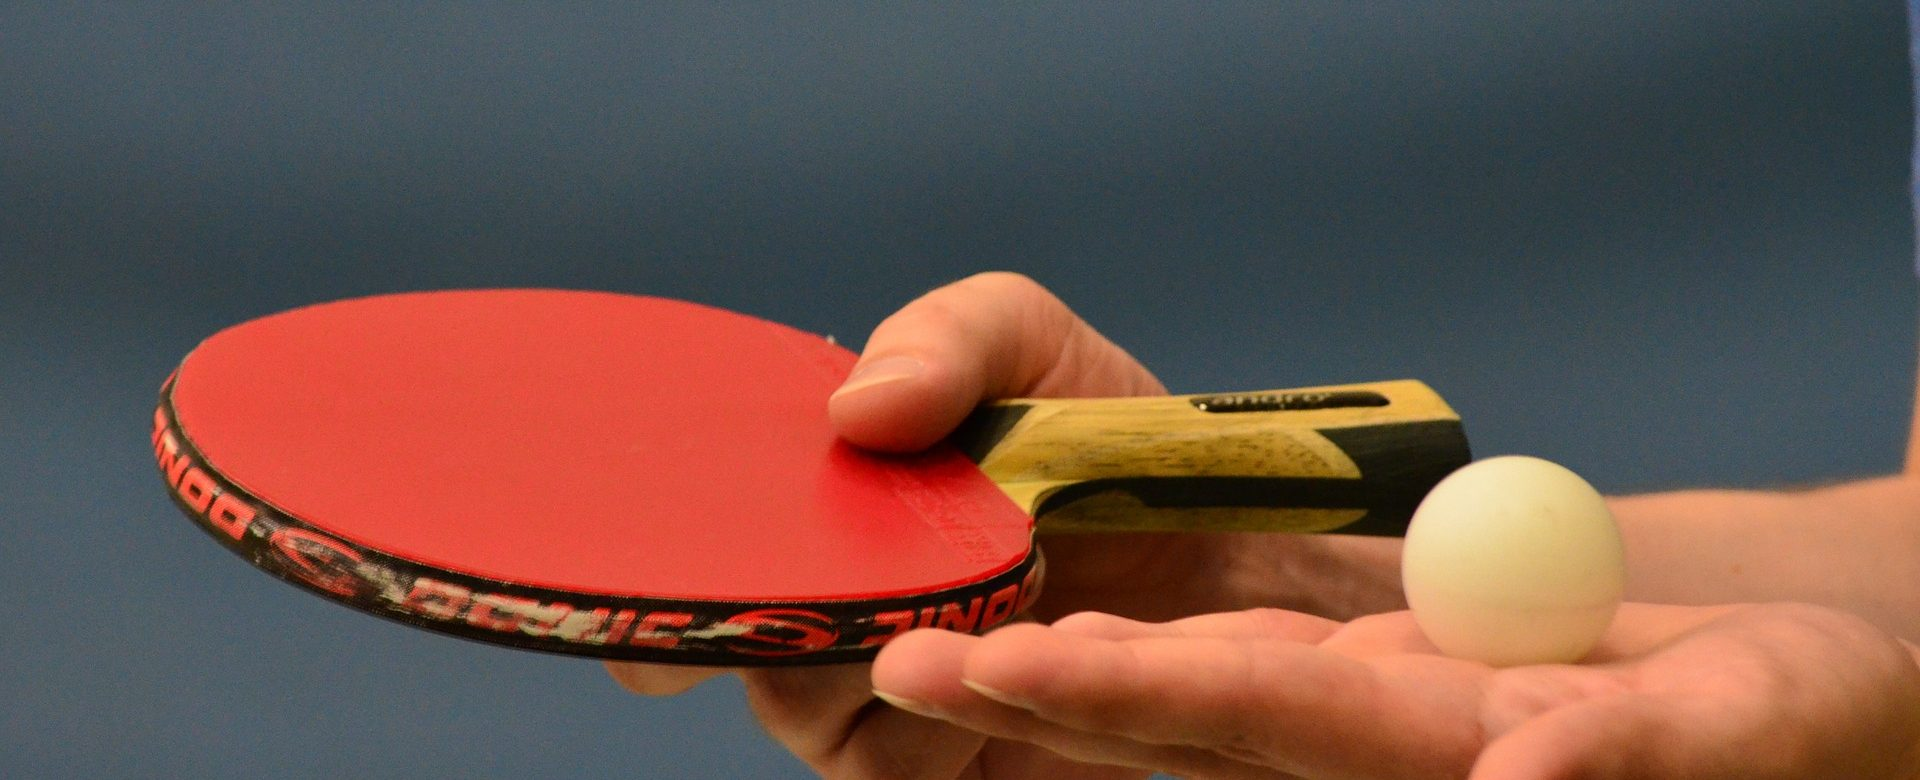 Sportvereinigung Finanz: Tischtennis